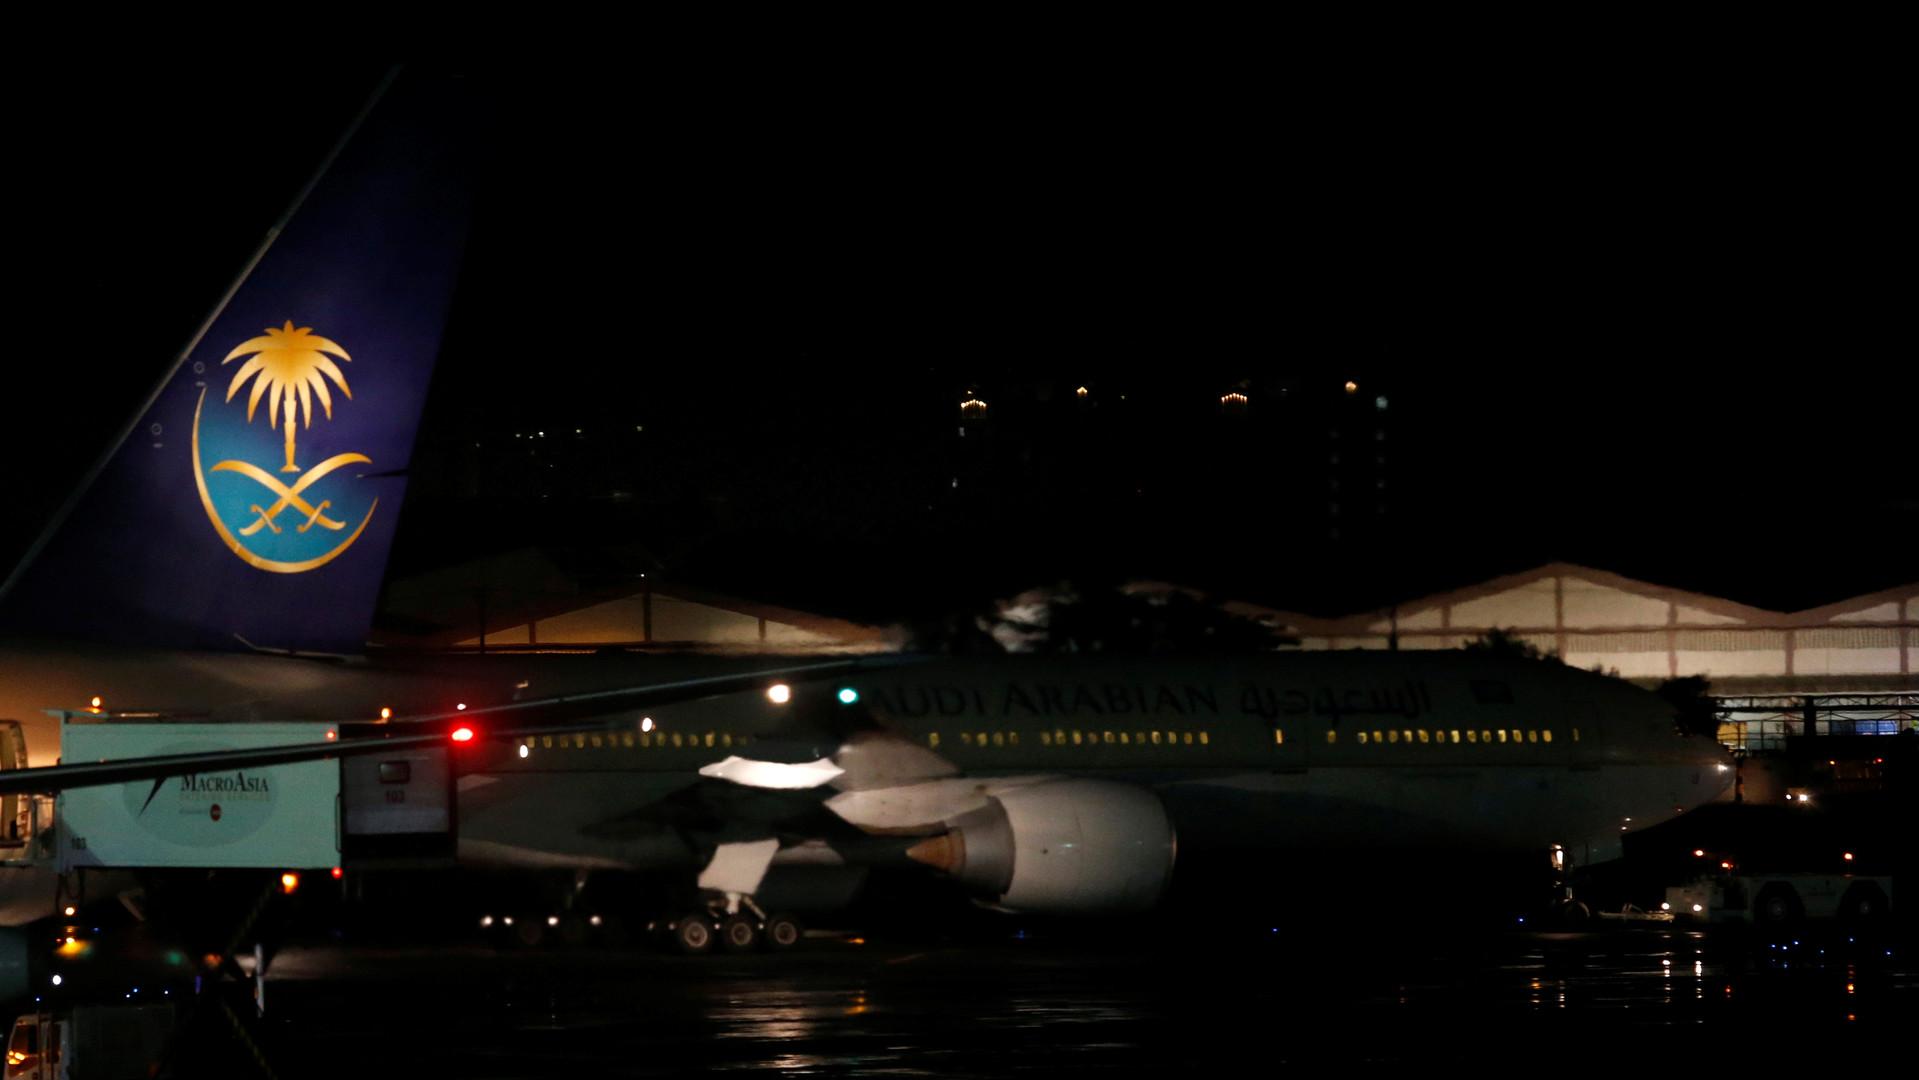 الخطوط السعودية تعلن إيقاف الرحلات إلى تورنتو الكندية - RT ...